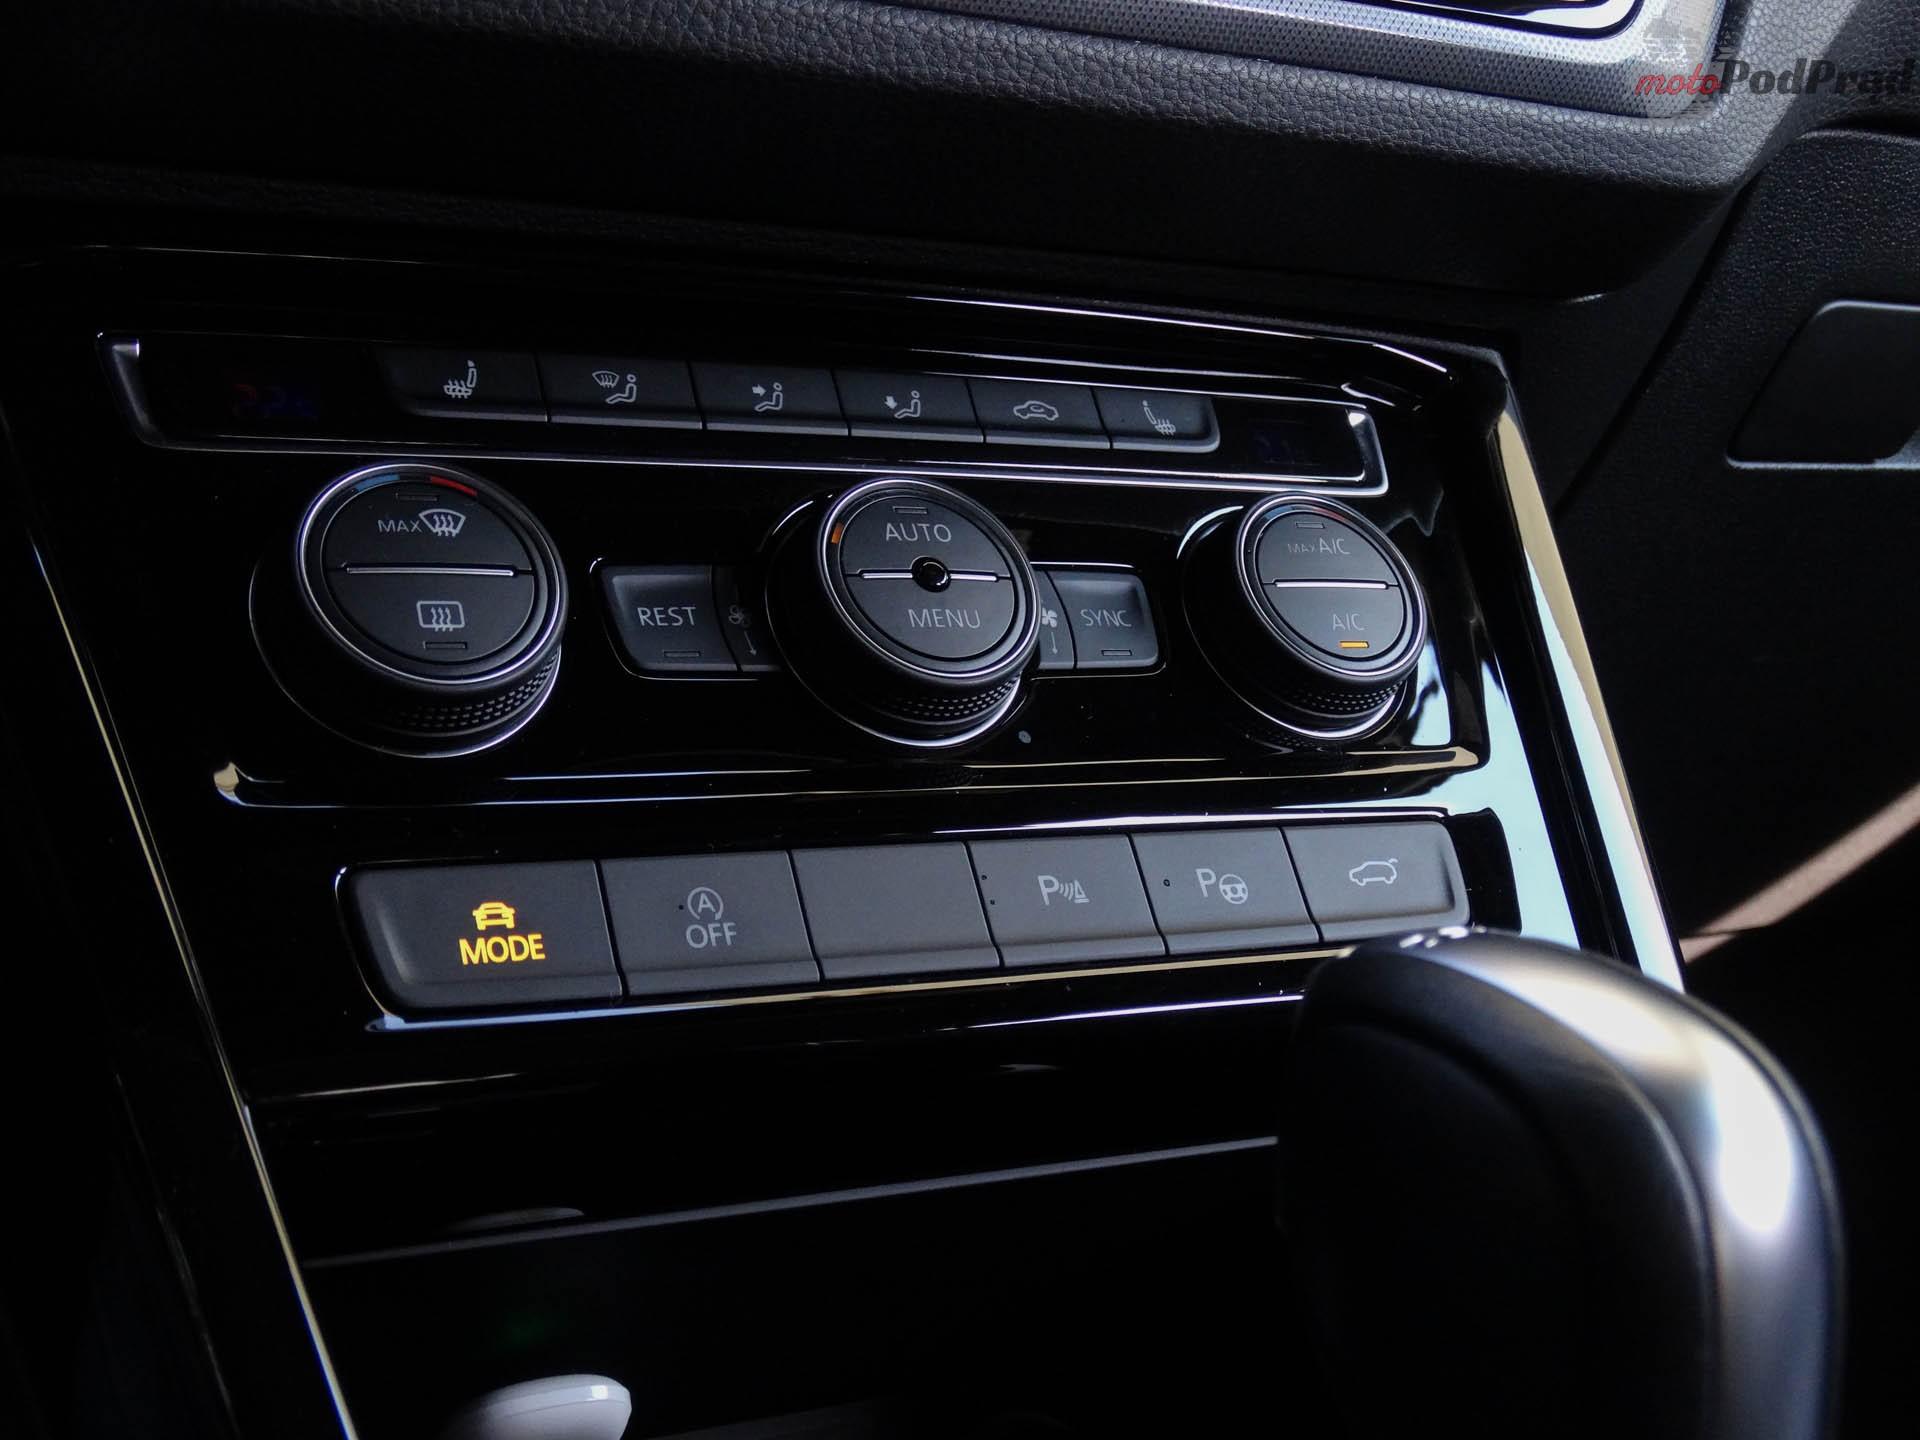 Volkswagen Touran 14 Test: Volkswagen Touran 1.8 TSI 180 KM   sportowy van